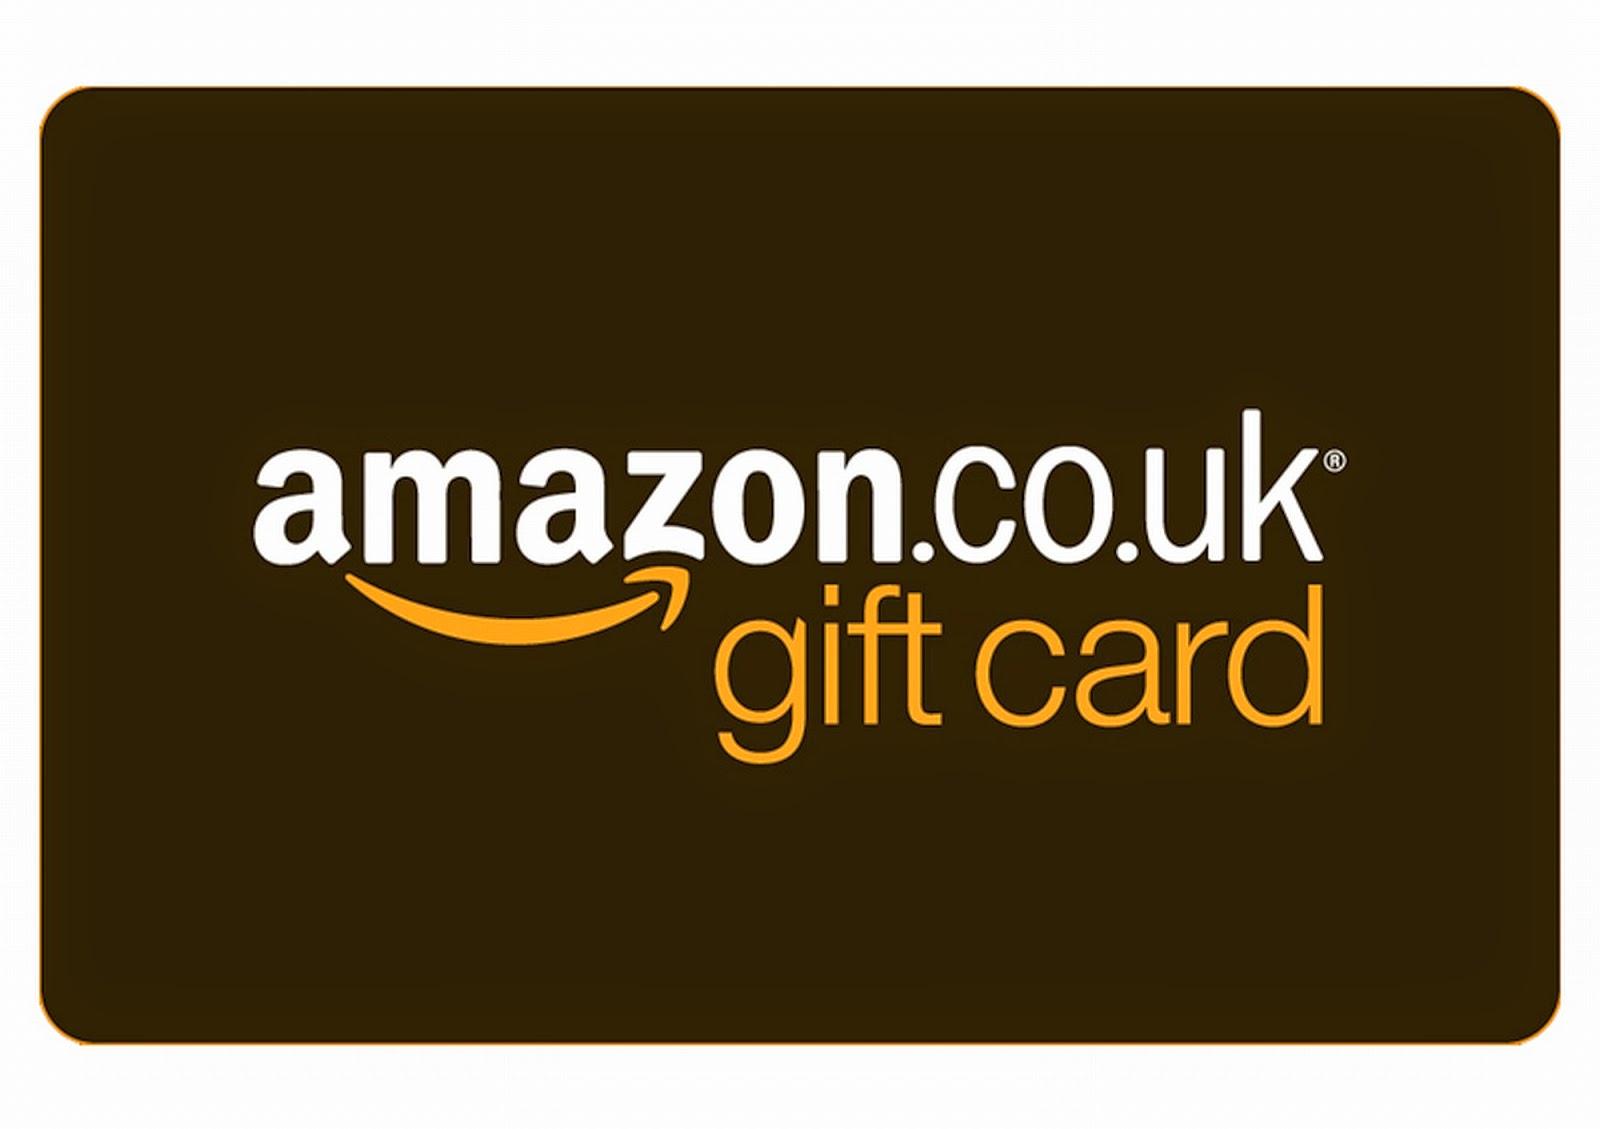 Amazon gift card voucher